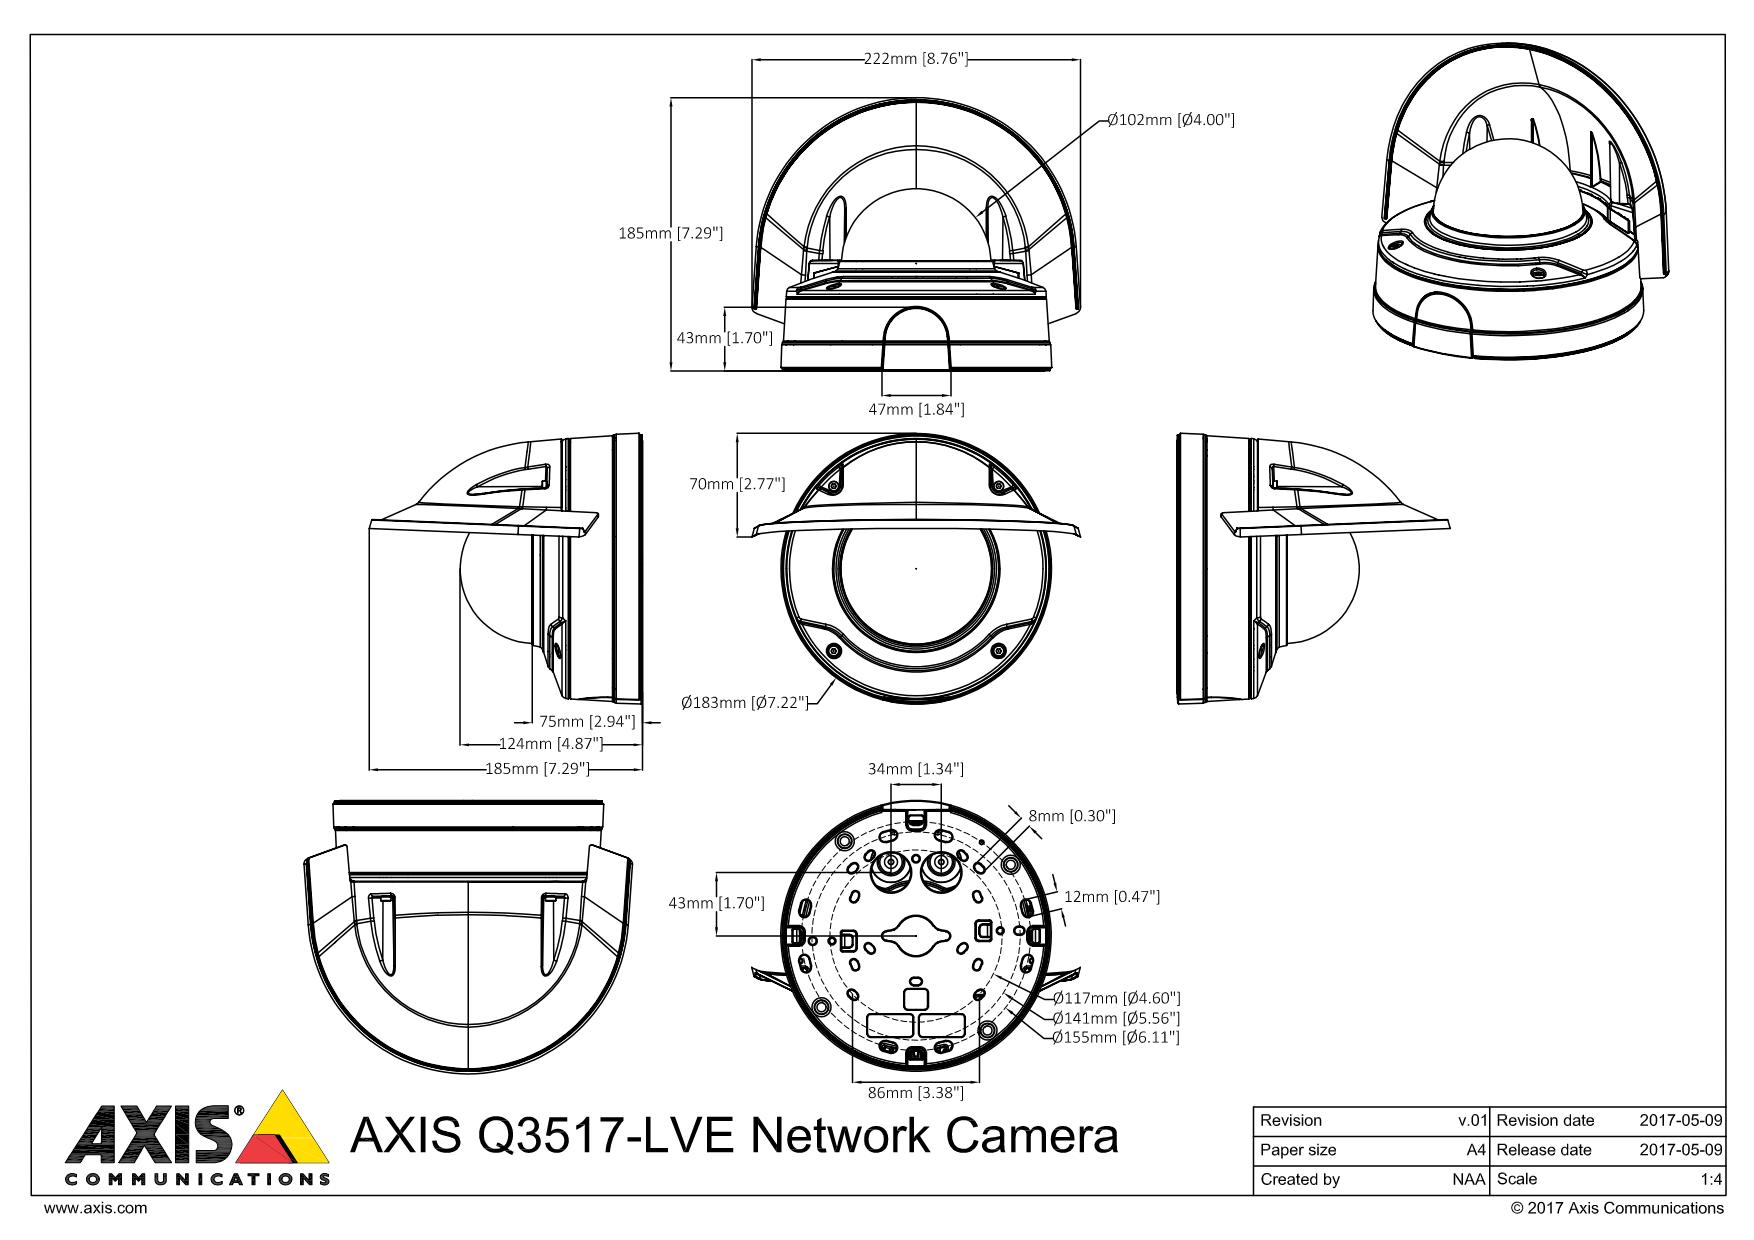 Q3517-LVE